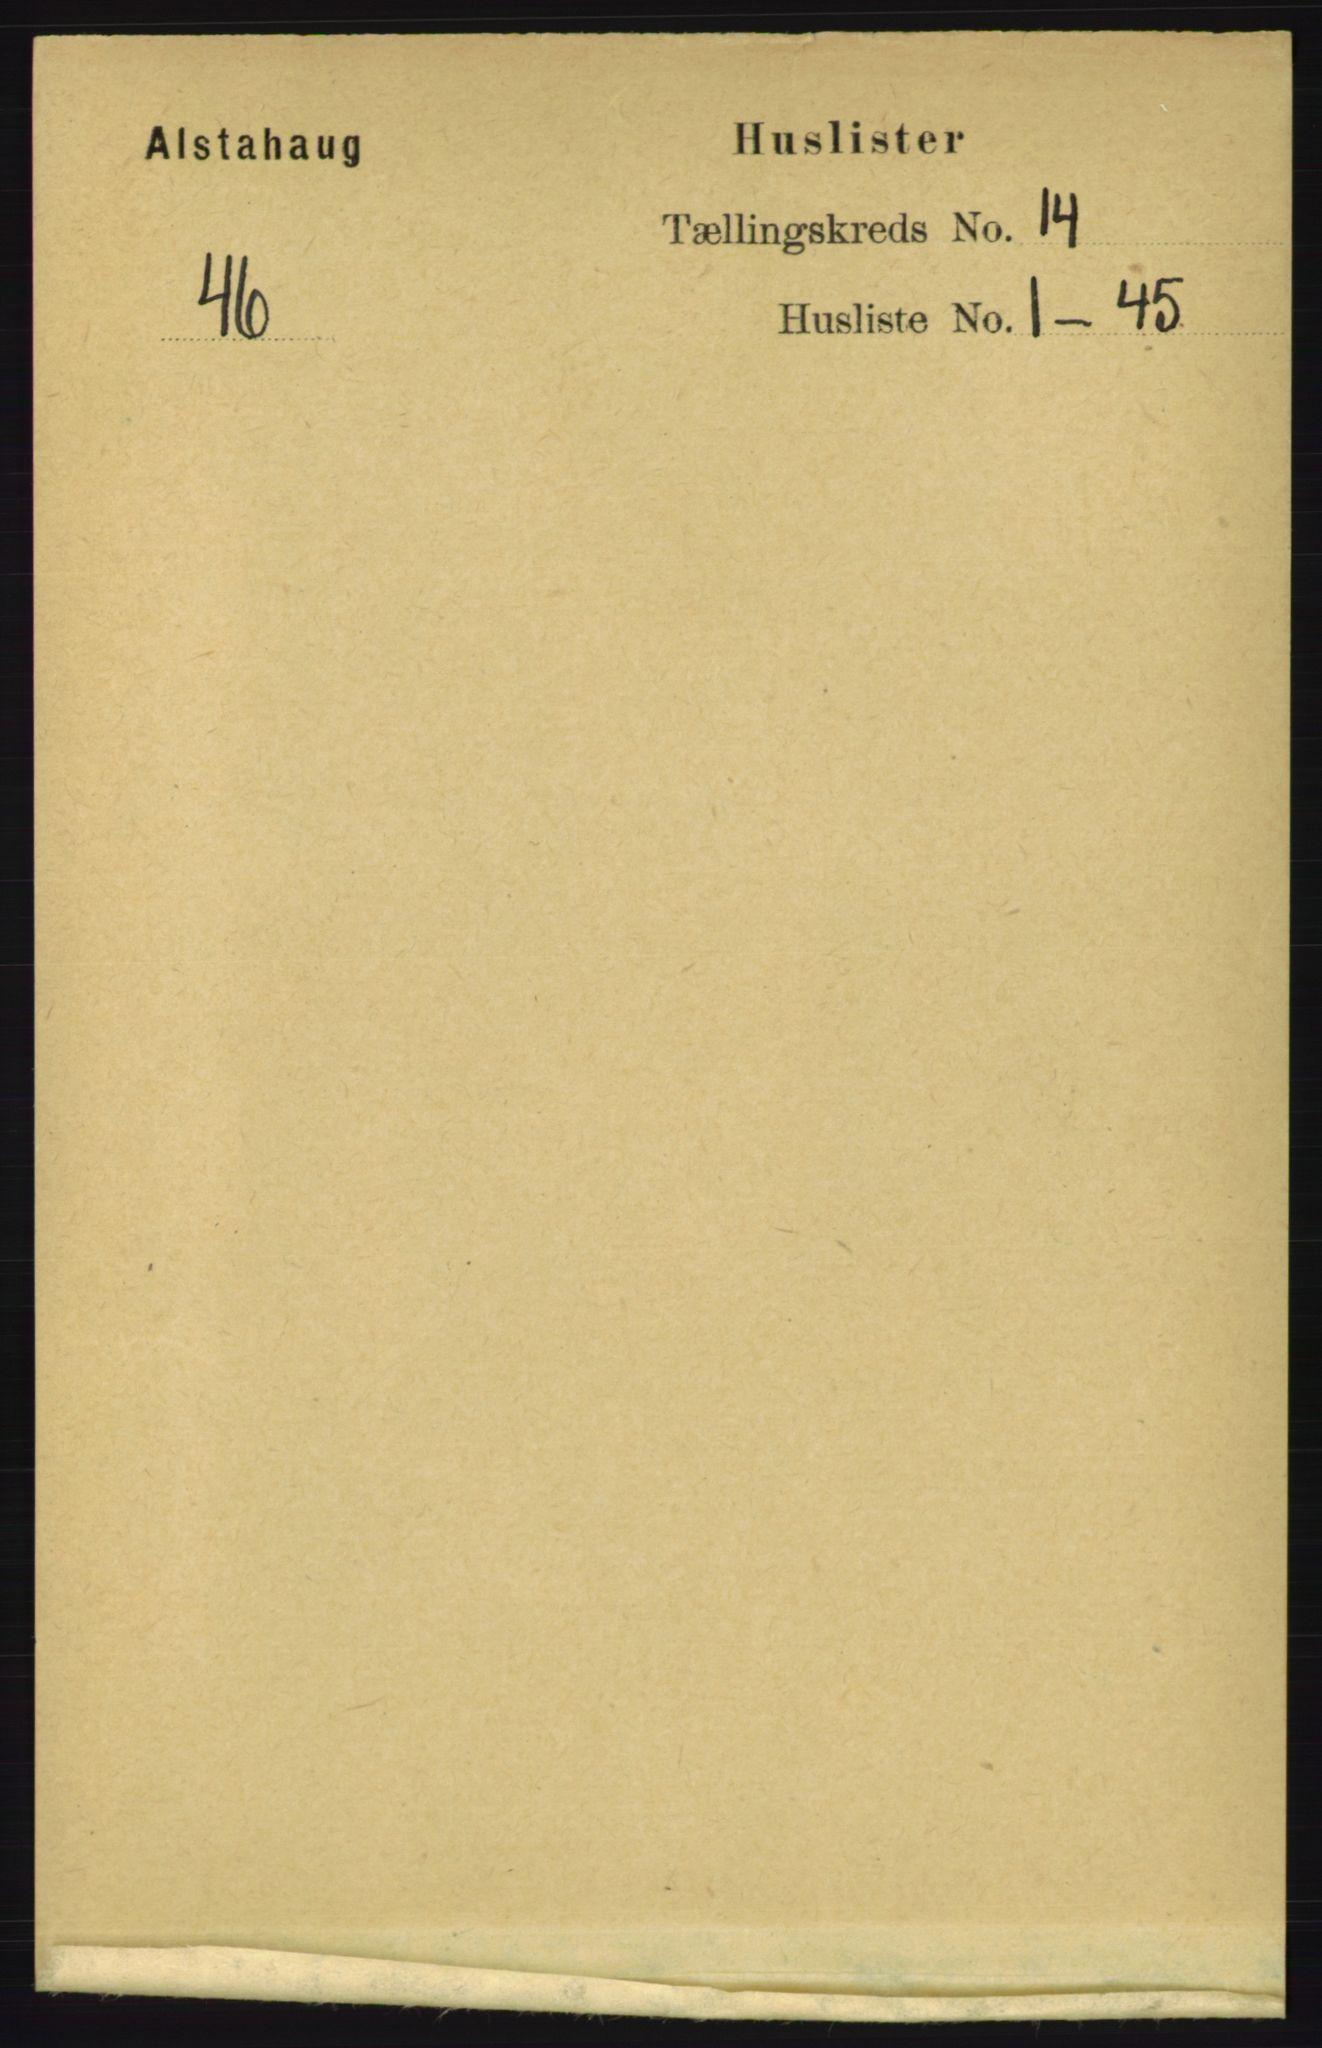 RA, Folketelling 1891 for 1820 Alstahaug herred, 1891, s. 4886